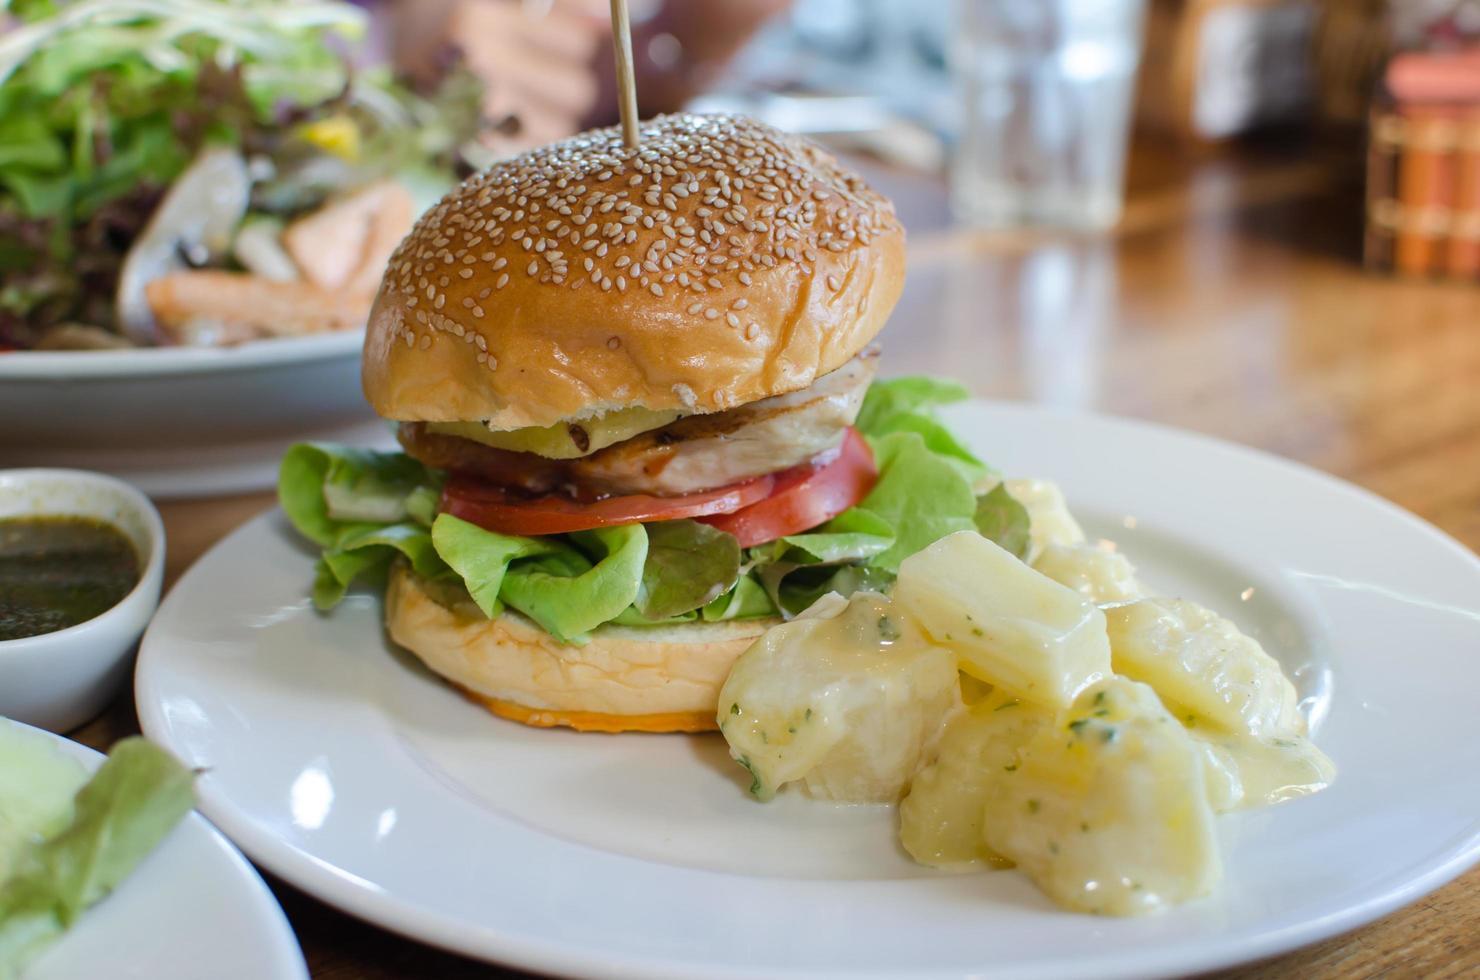 Hühnchen-Burger-Mahlzeit foto